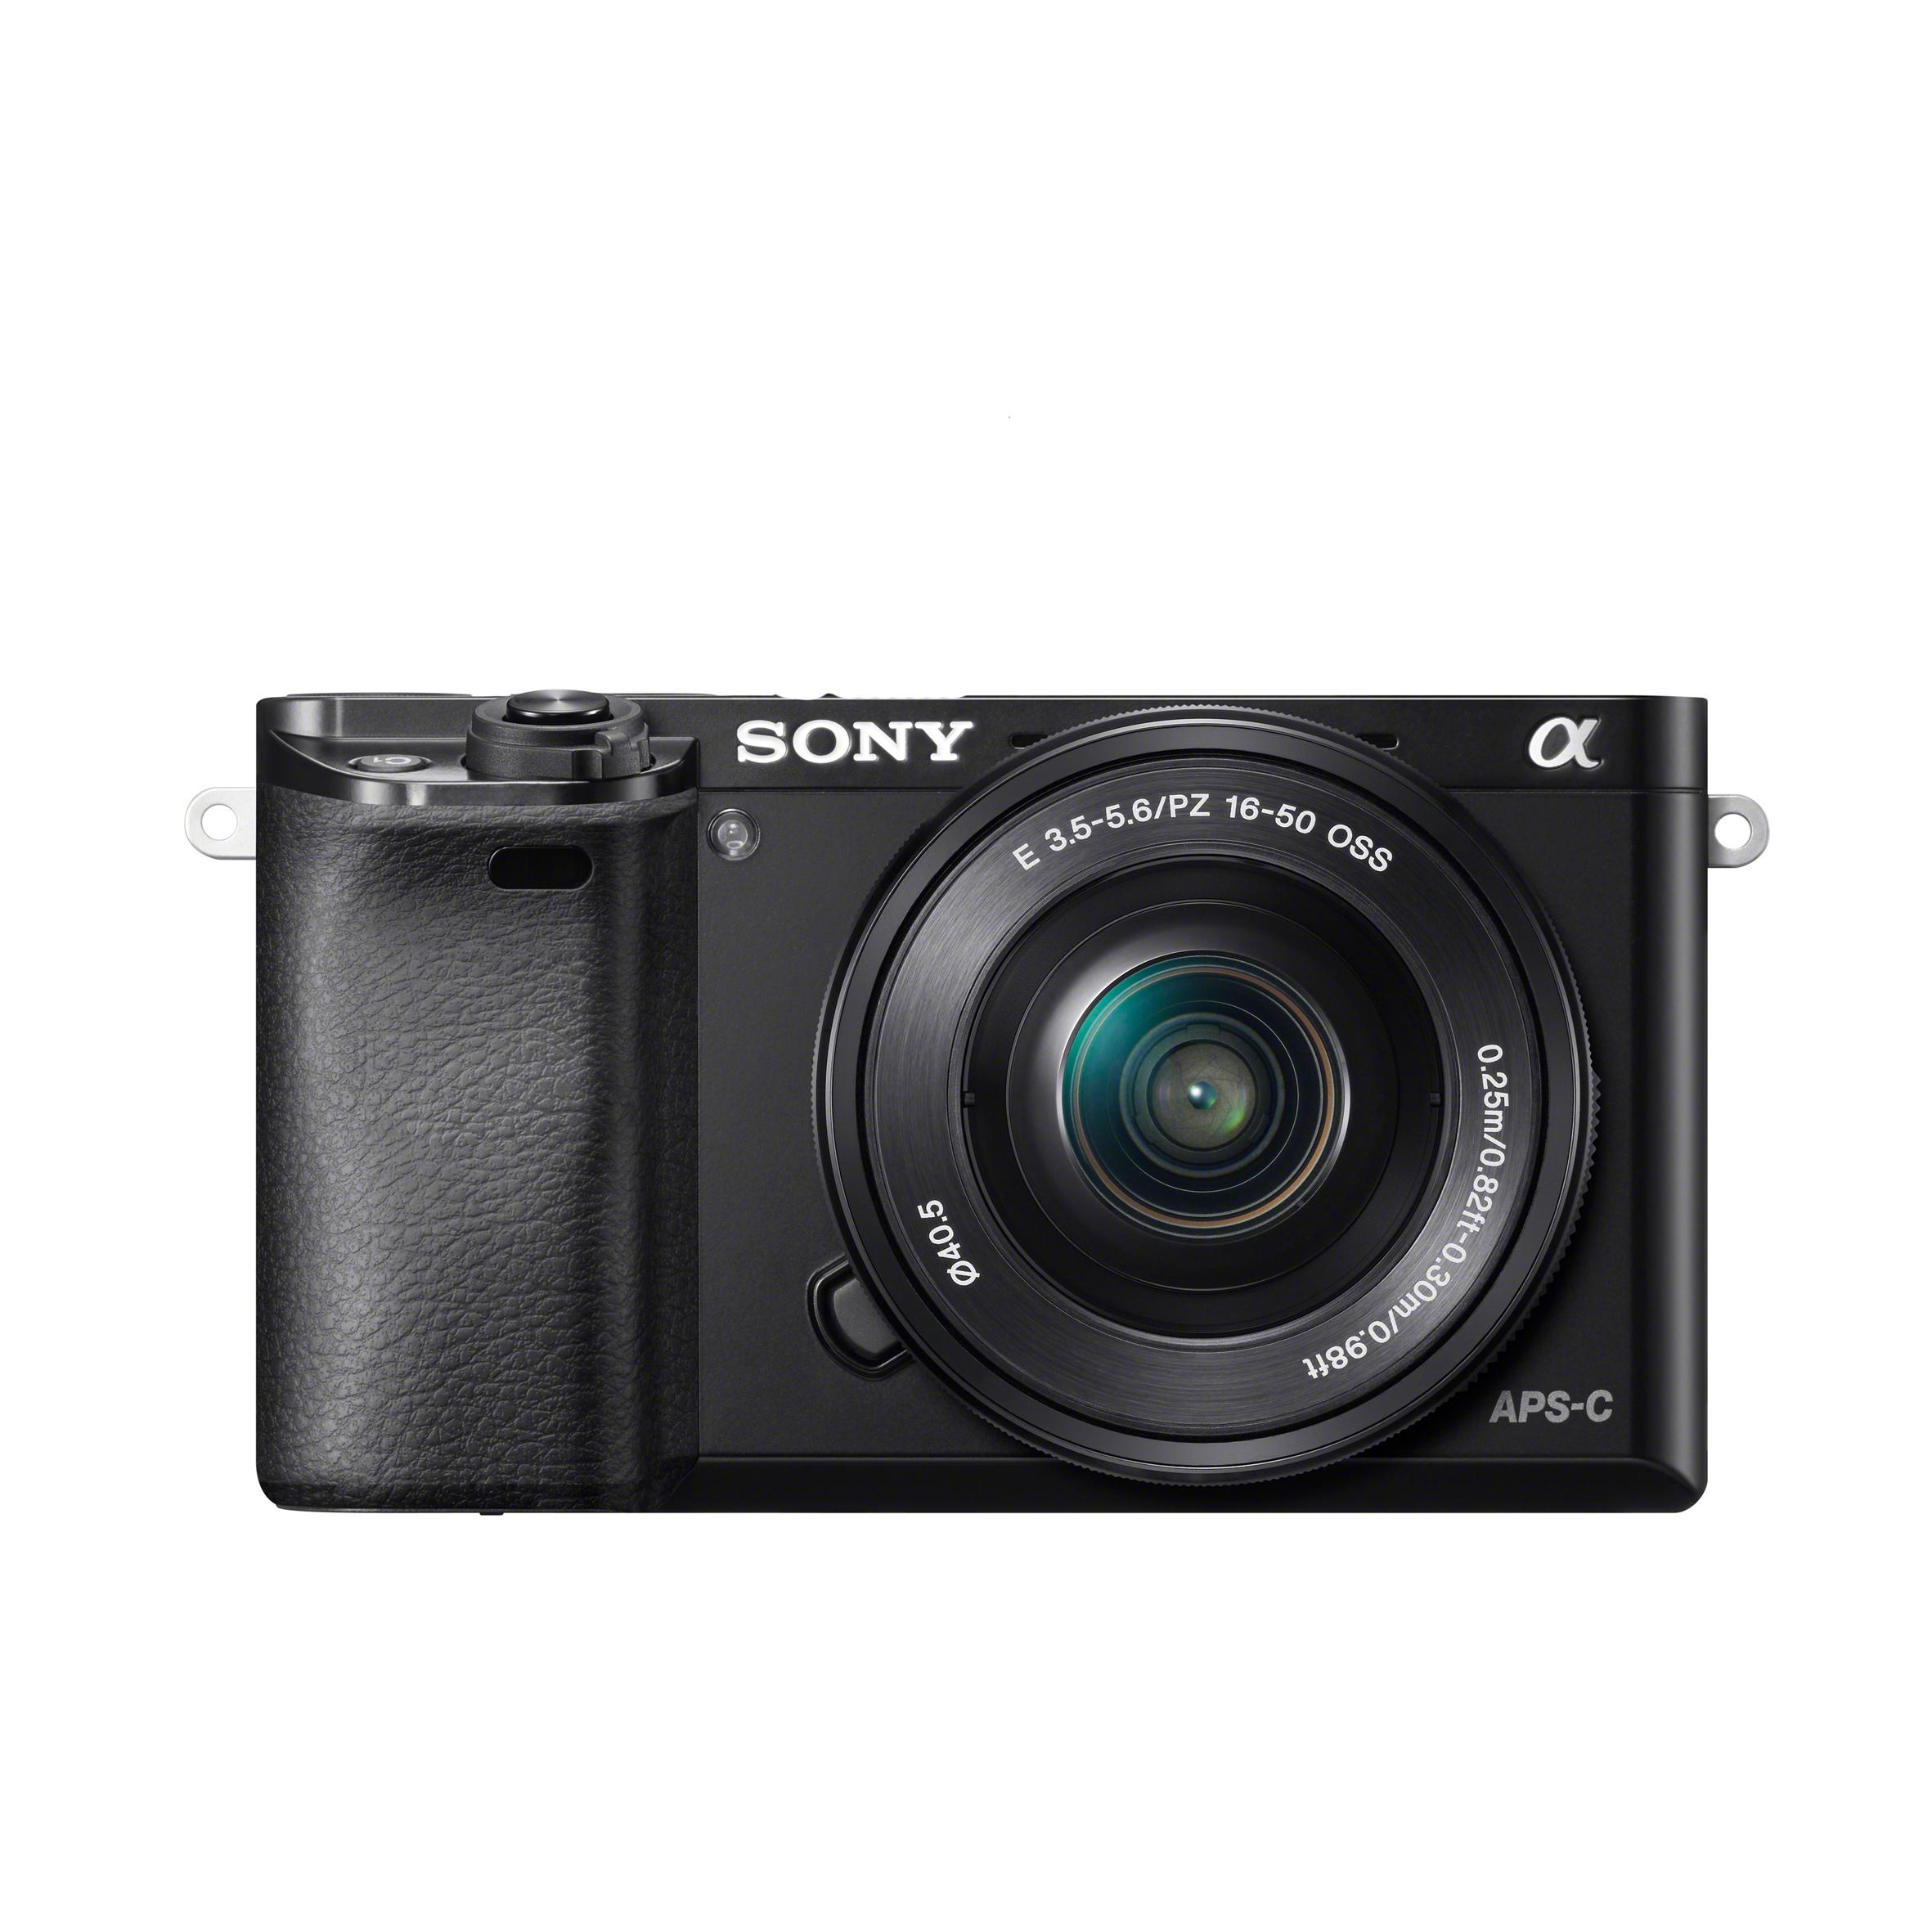 Sony Alpha 6000 (A6000) Kit + 2. Akku + externem Ladegerät für 519,- (offline) / 524,95 bei Foto Gregor (evtl. noch gratis Garantieverlängerung)